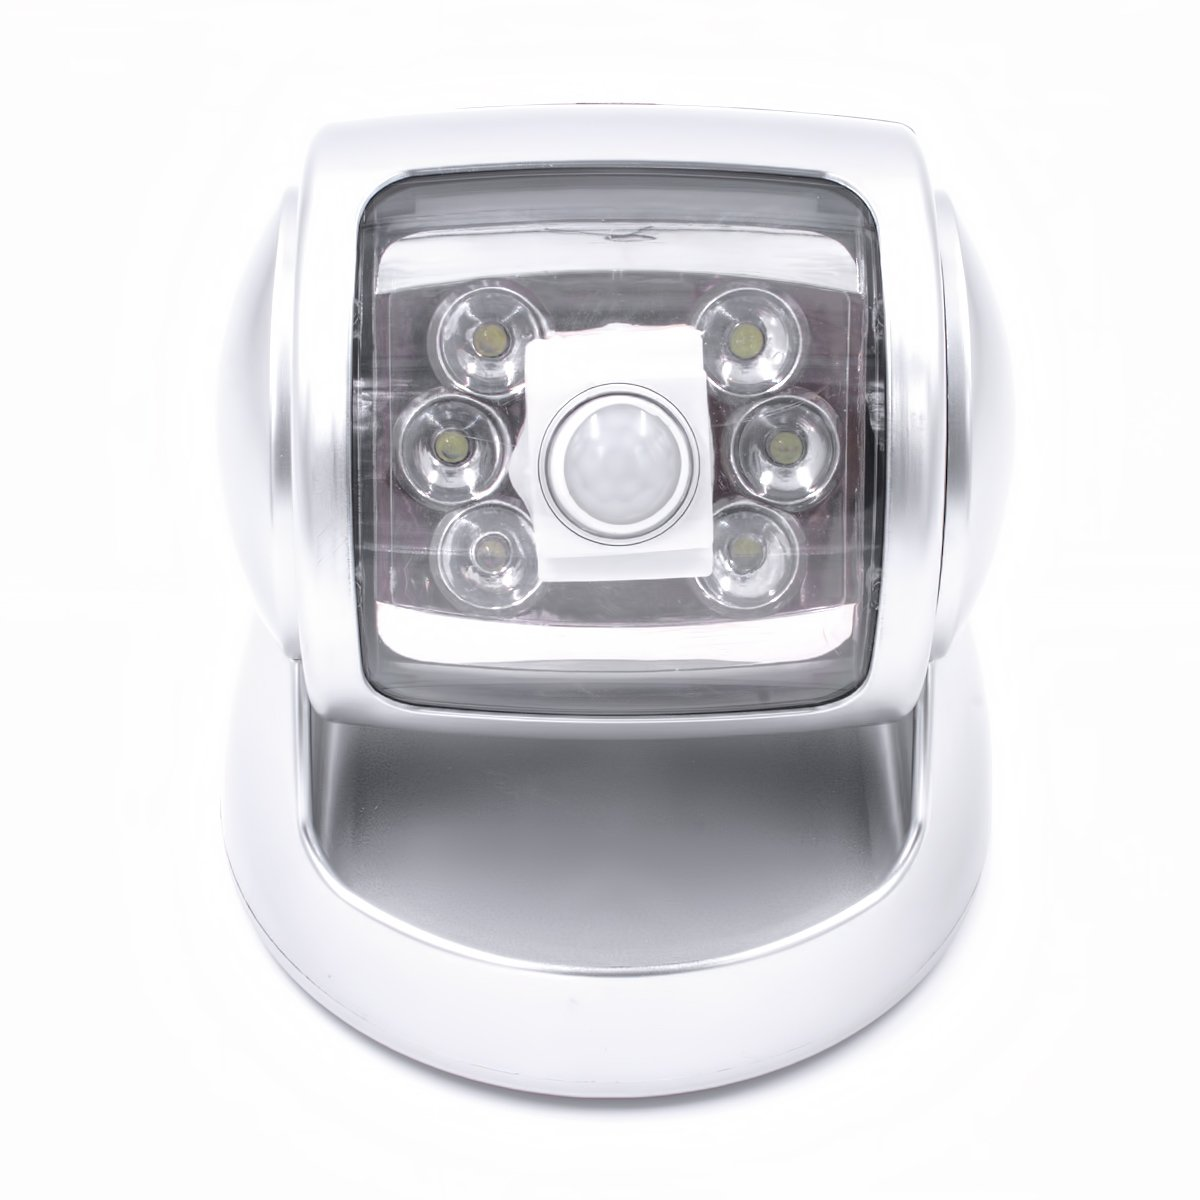 Sensor de Movimiento Luz 6 LED Plata Seguridad Luz Para Exteriores - funciona con pilas rotativo súperbrillante Noche Luz para SENDERO, jardín o Patio de Trimming Shop (pack de 2)